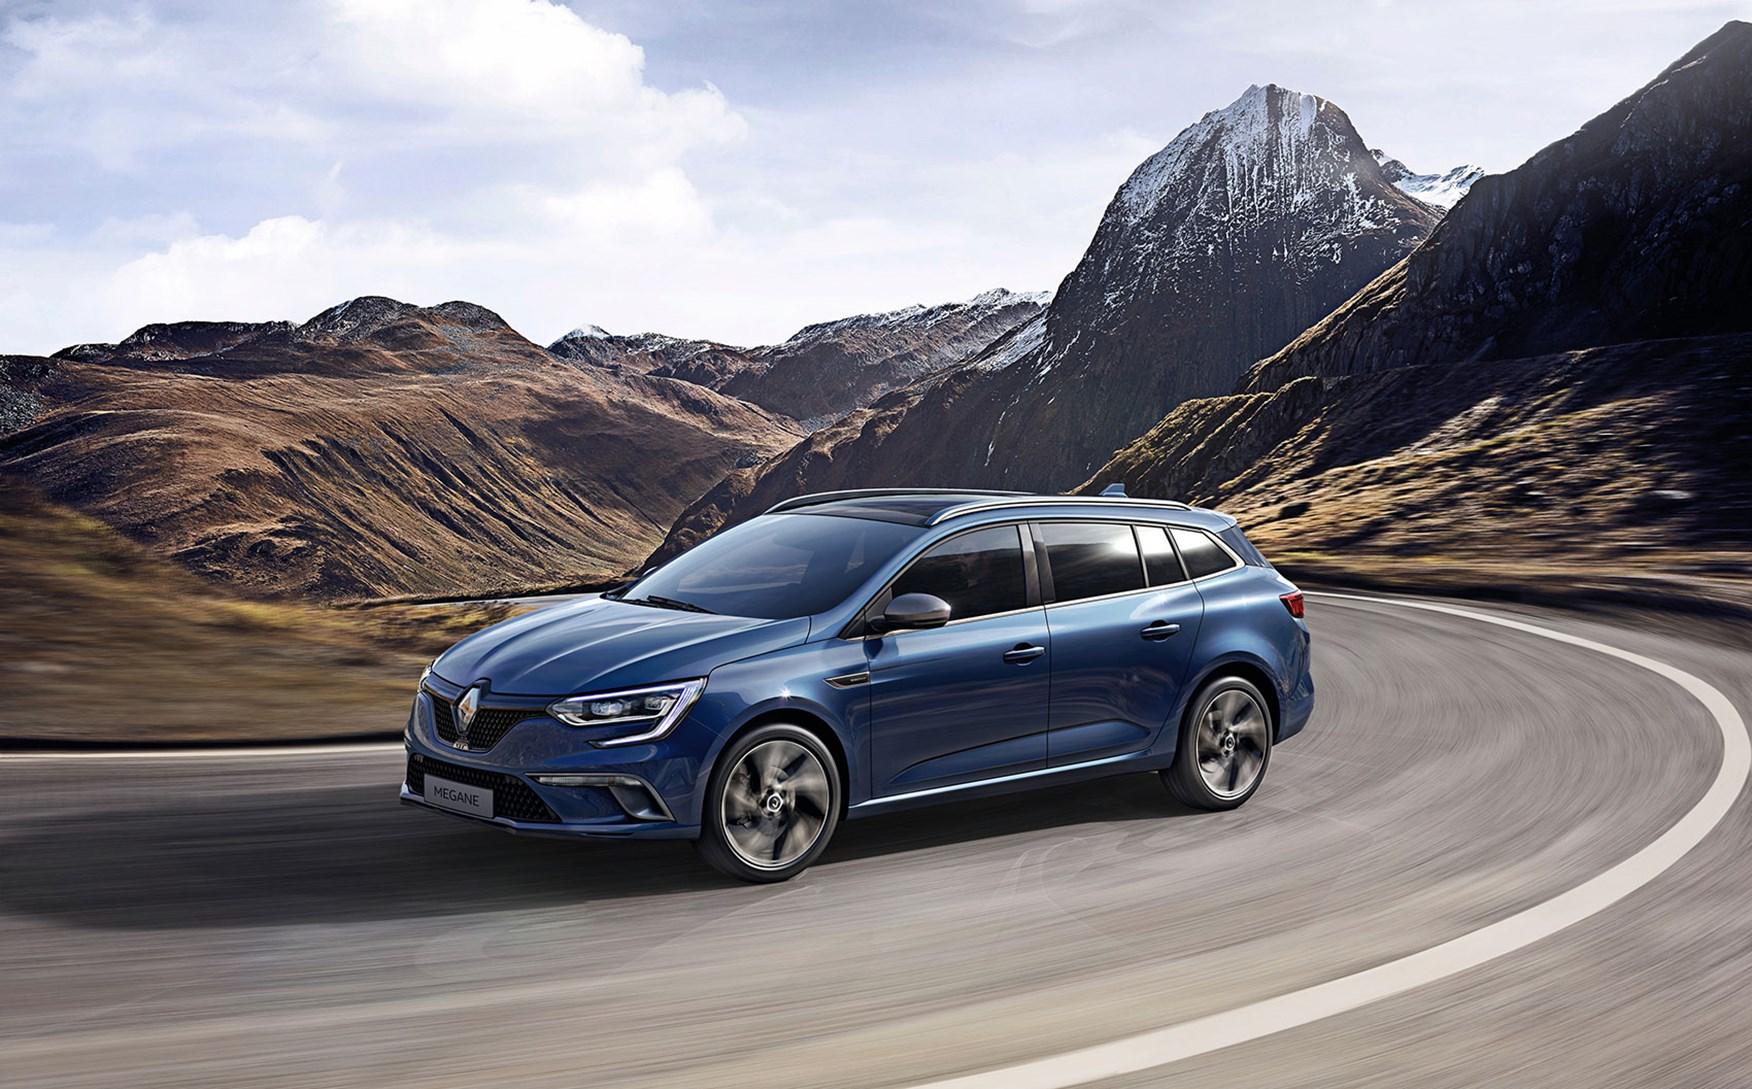 Renault Megane Sport Tourer It S The New 2016 Megane Estate Car